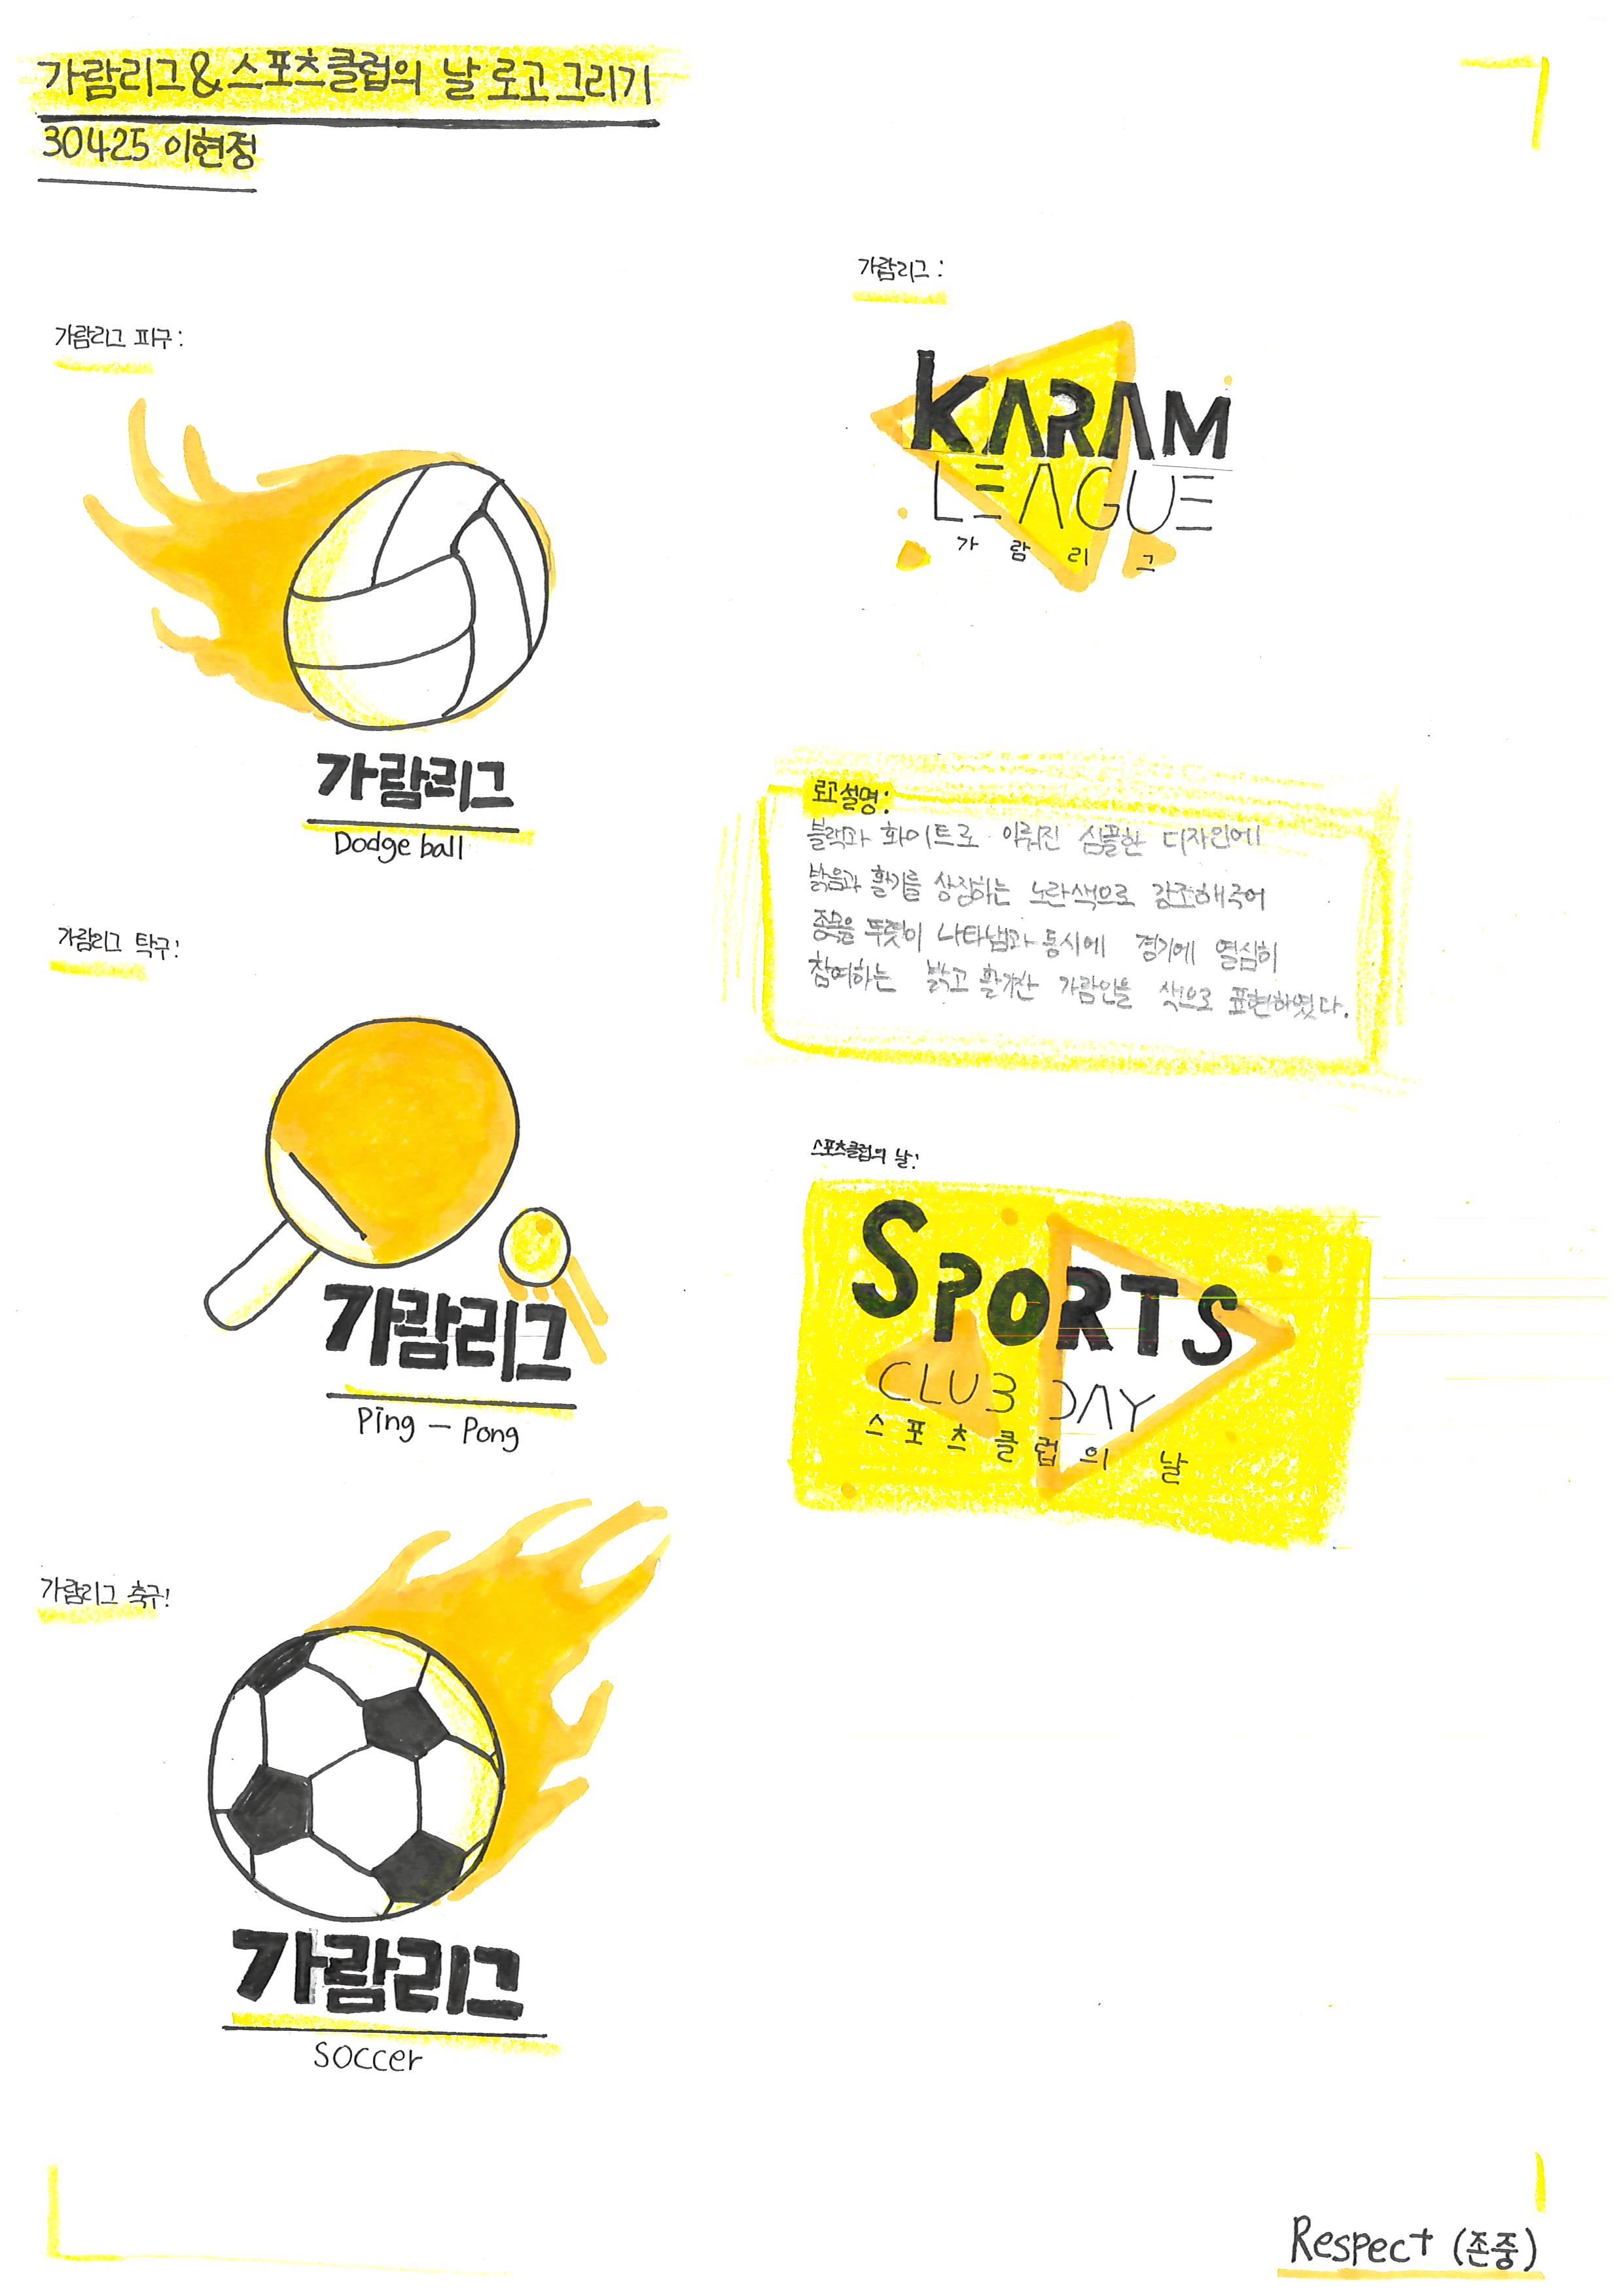 [일반] 3학년 학교스포츠클럽의 날의 첨부이미지 6